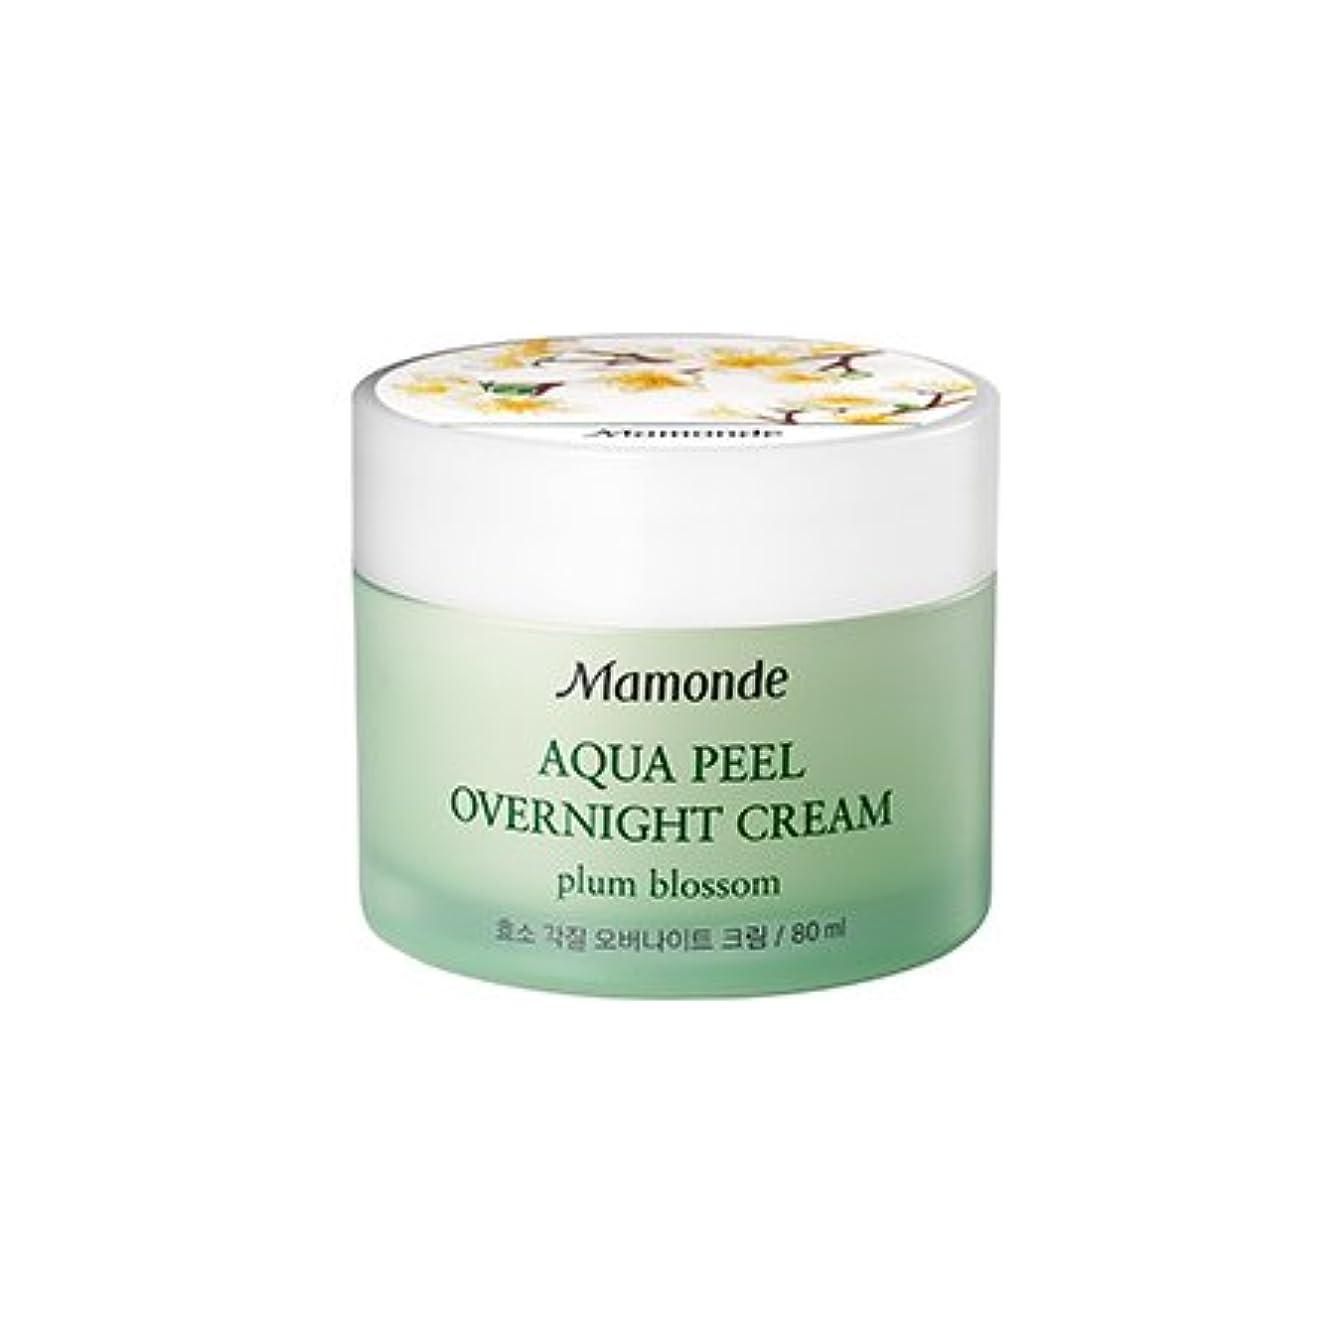 含める妨げる大胆なMamonde Aqua Peel Overnight Cream 80ml/マモンド アクア ピール オーバーナイト クリーム 80ml [並行輸入品]